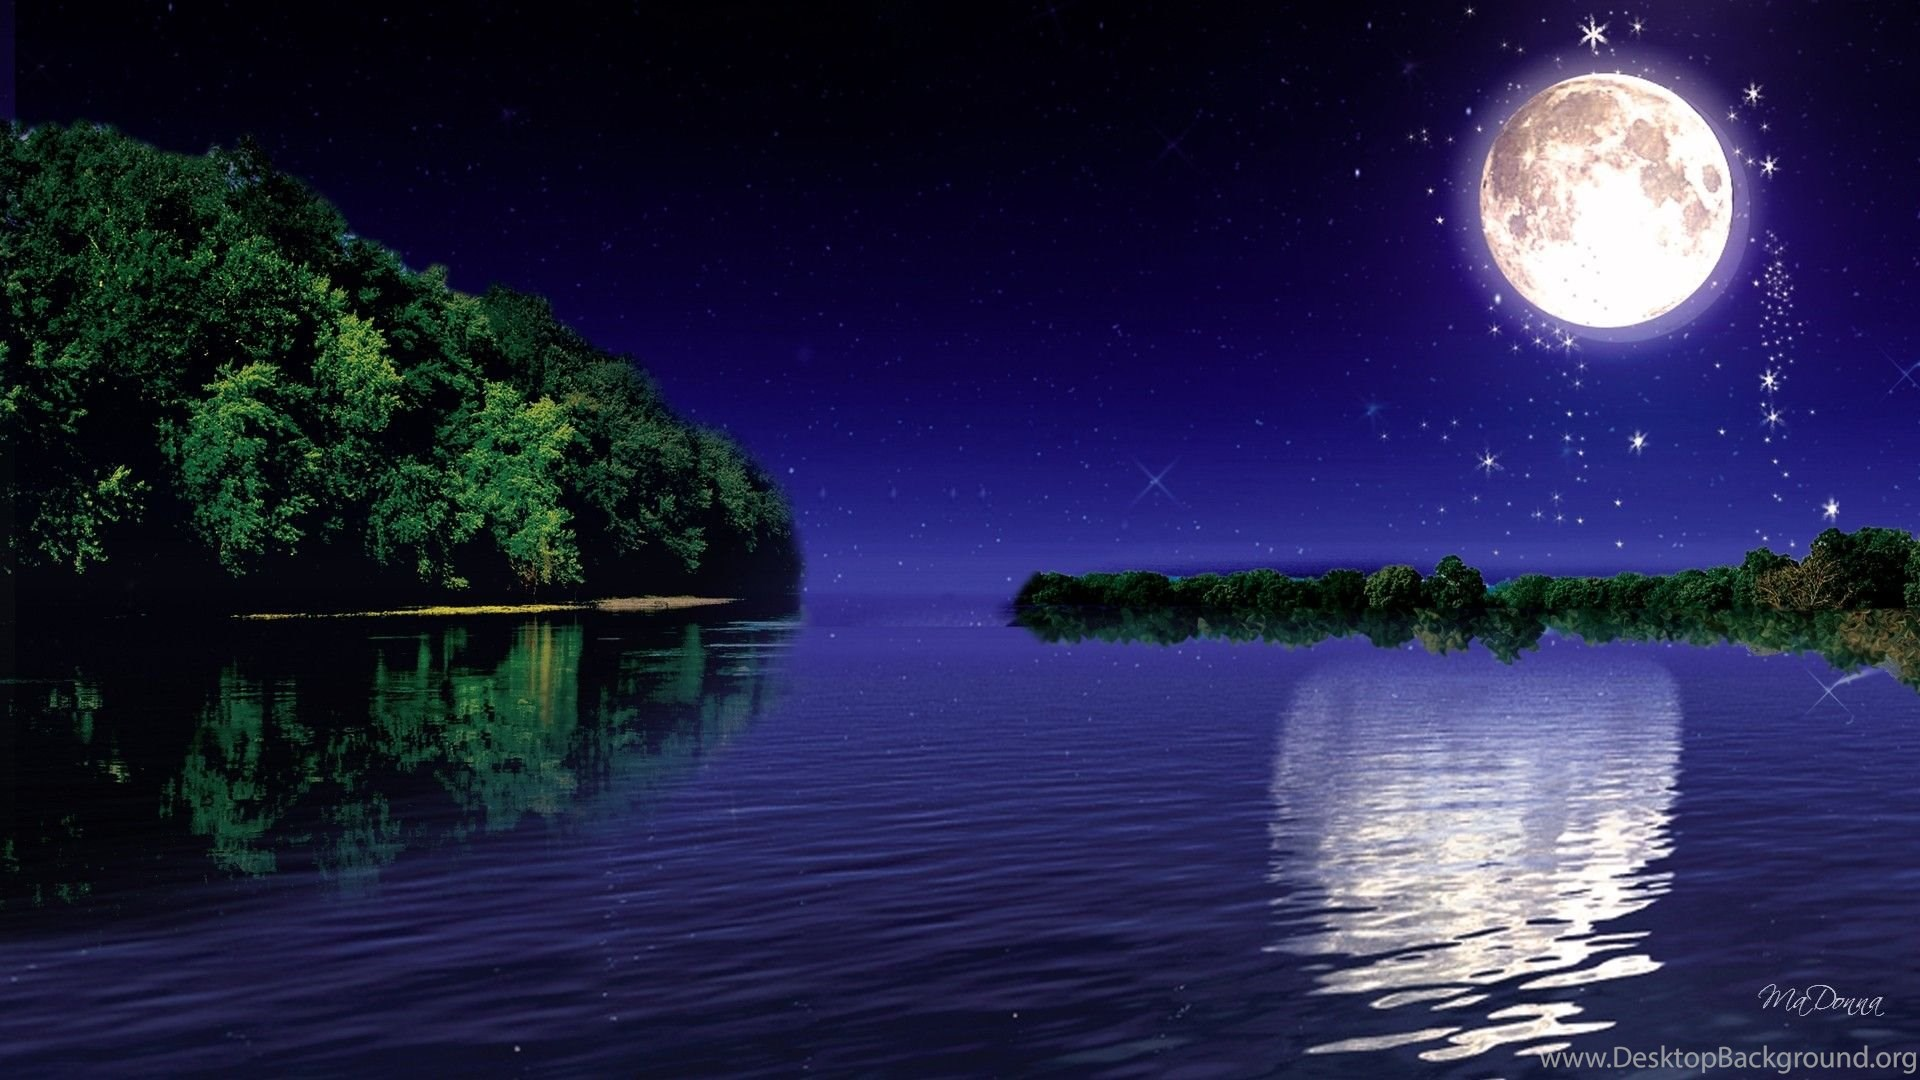 Moonlight Wallpapers Desktop Background